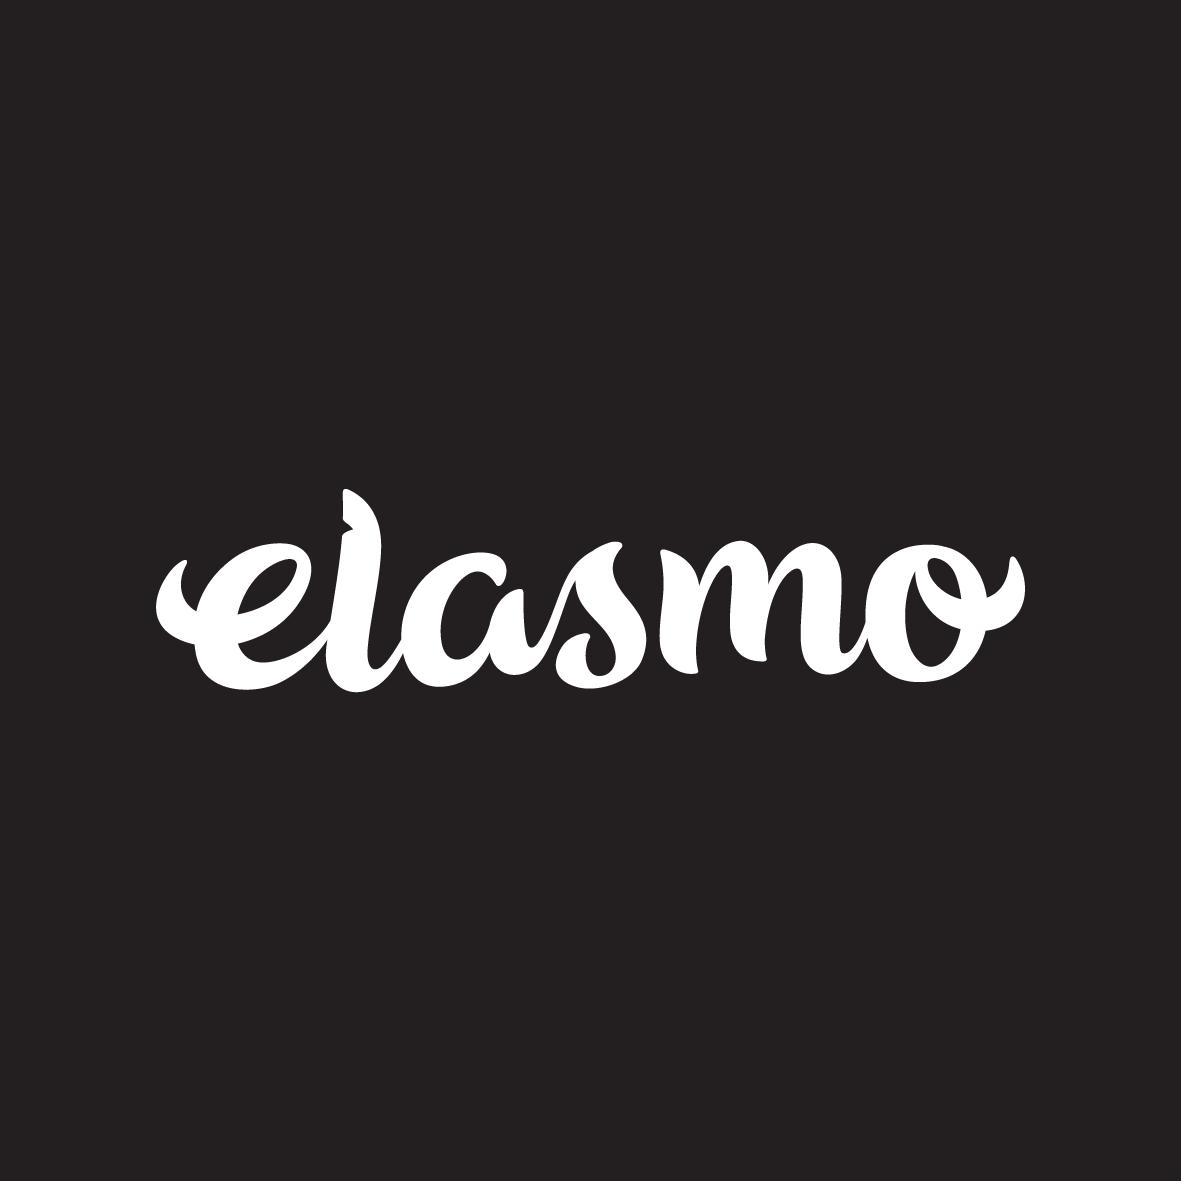 ELASMO CLOTHING Poster